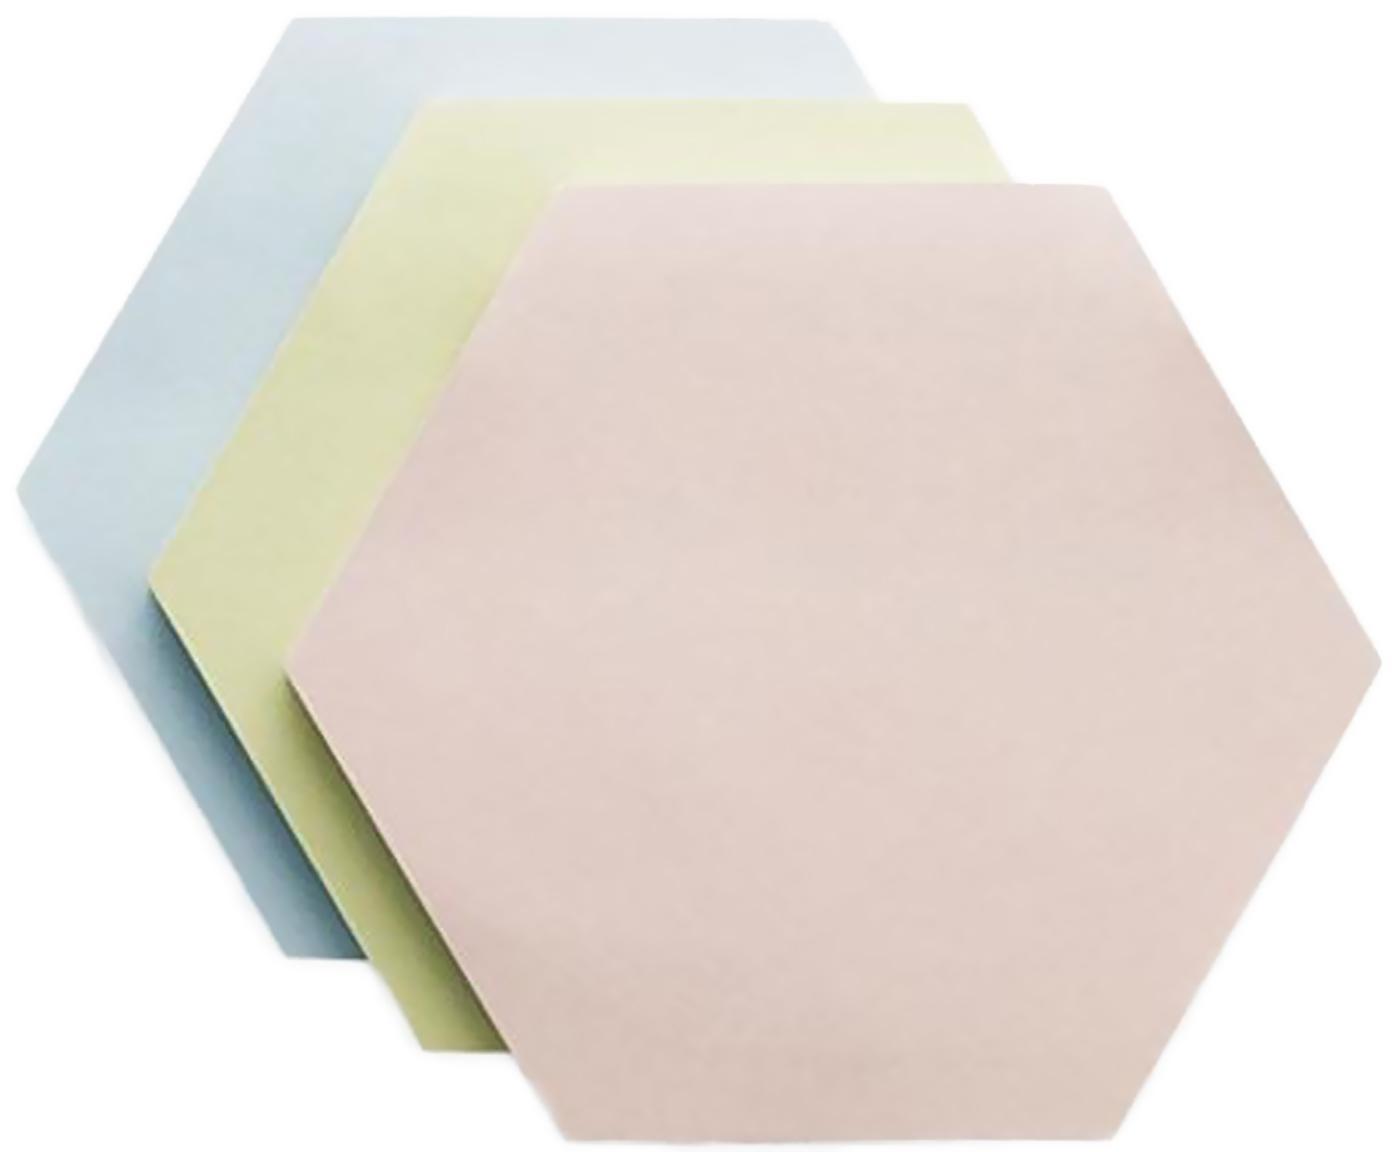 Komplet karteczek w bloczku Remember, 3 elem., Papier, nadruk, Niebieski, zielony, blady różowy, S 9 x G 8 cm